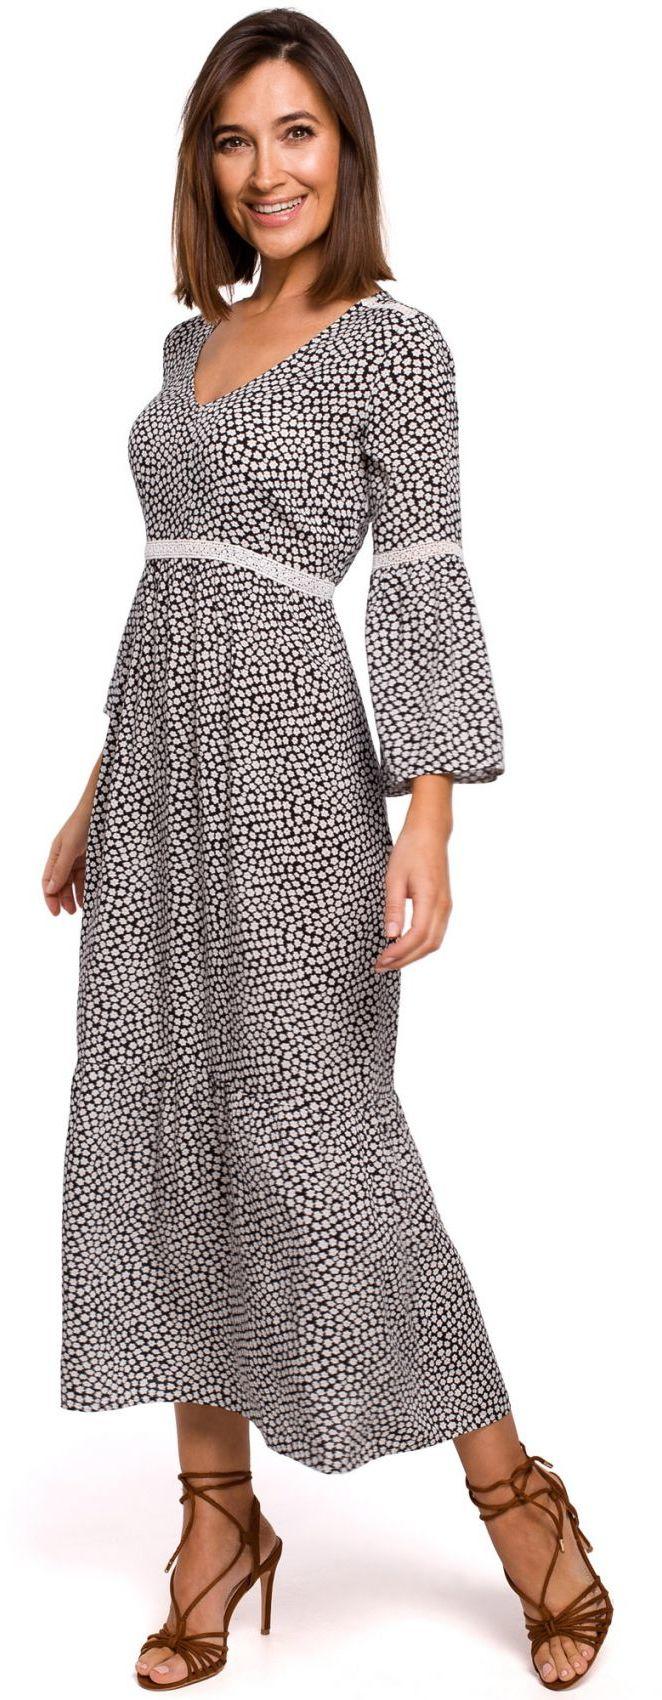 S222 Sukienka maxi w kwiaty z koronkowymi wstawkami - model 2